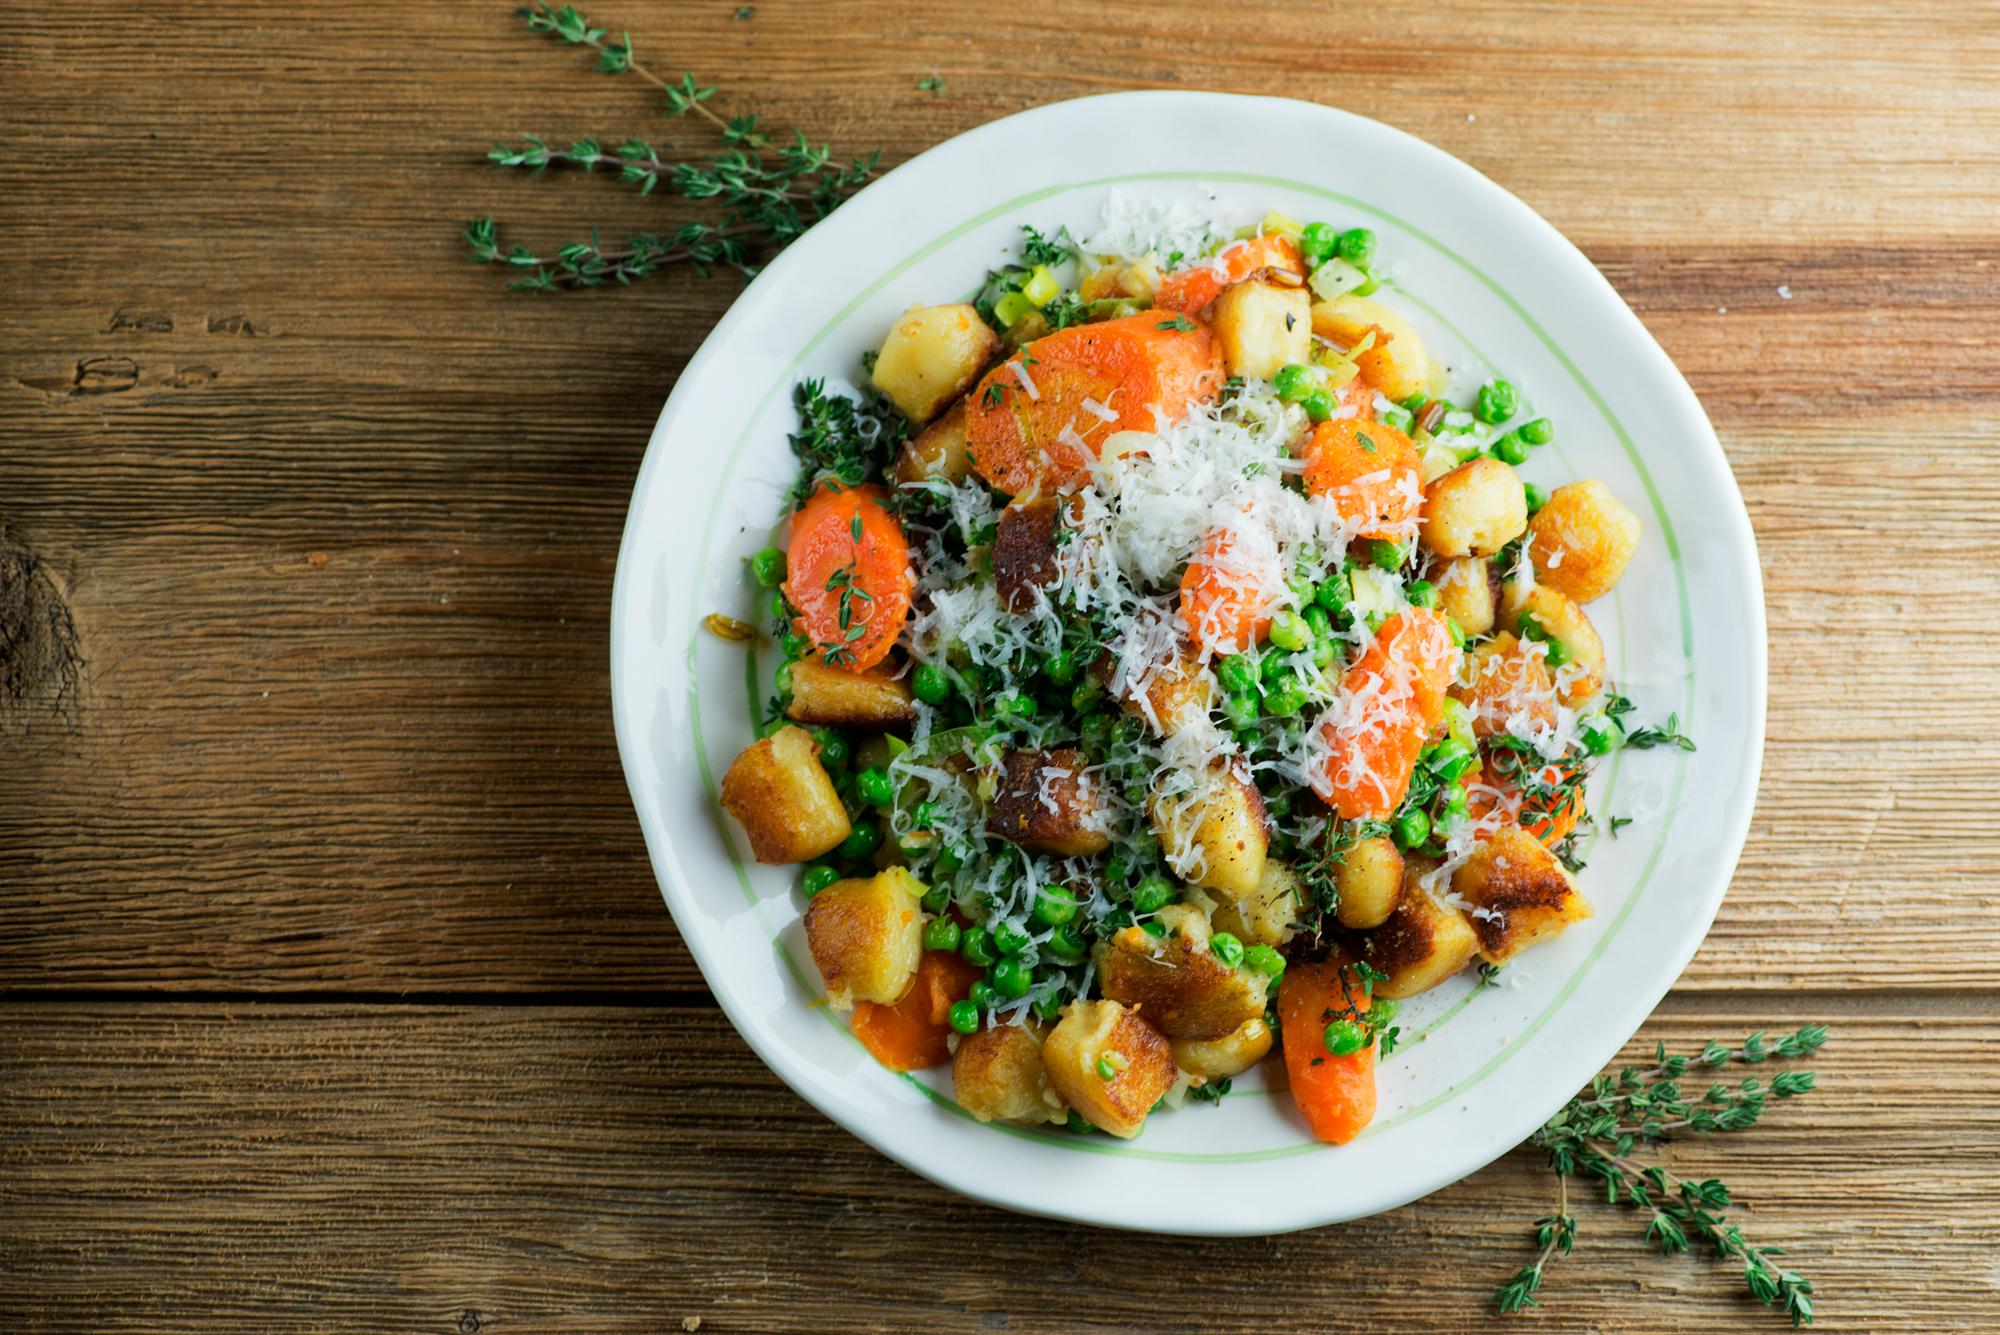 gnocchi with veggies